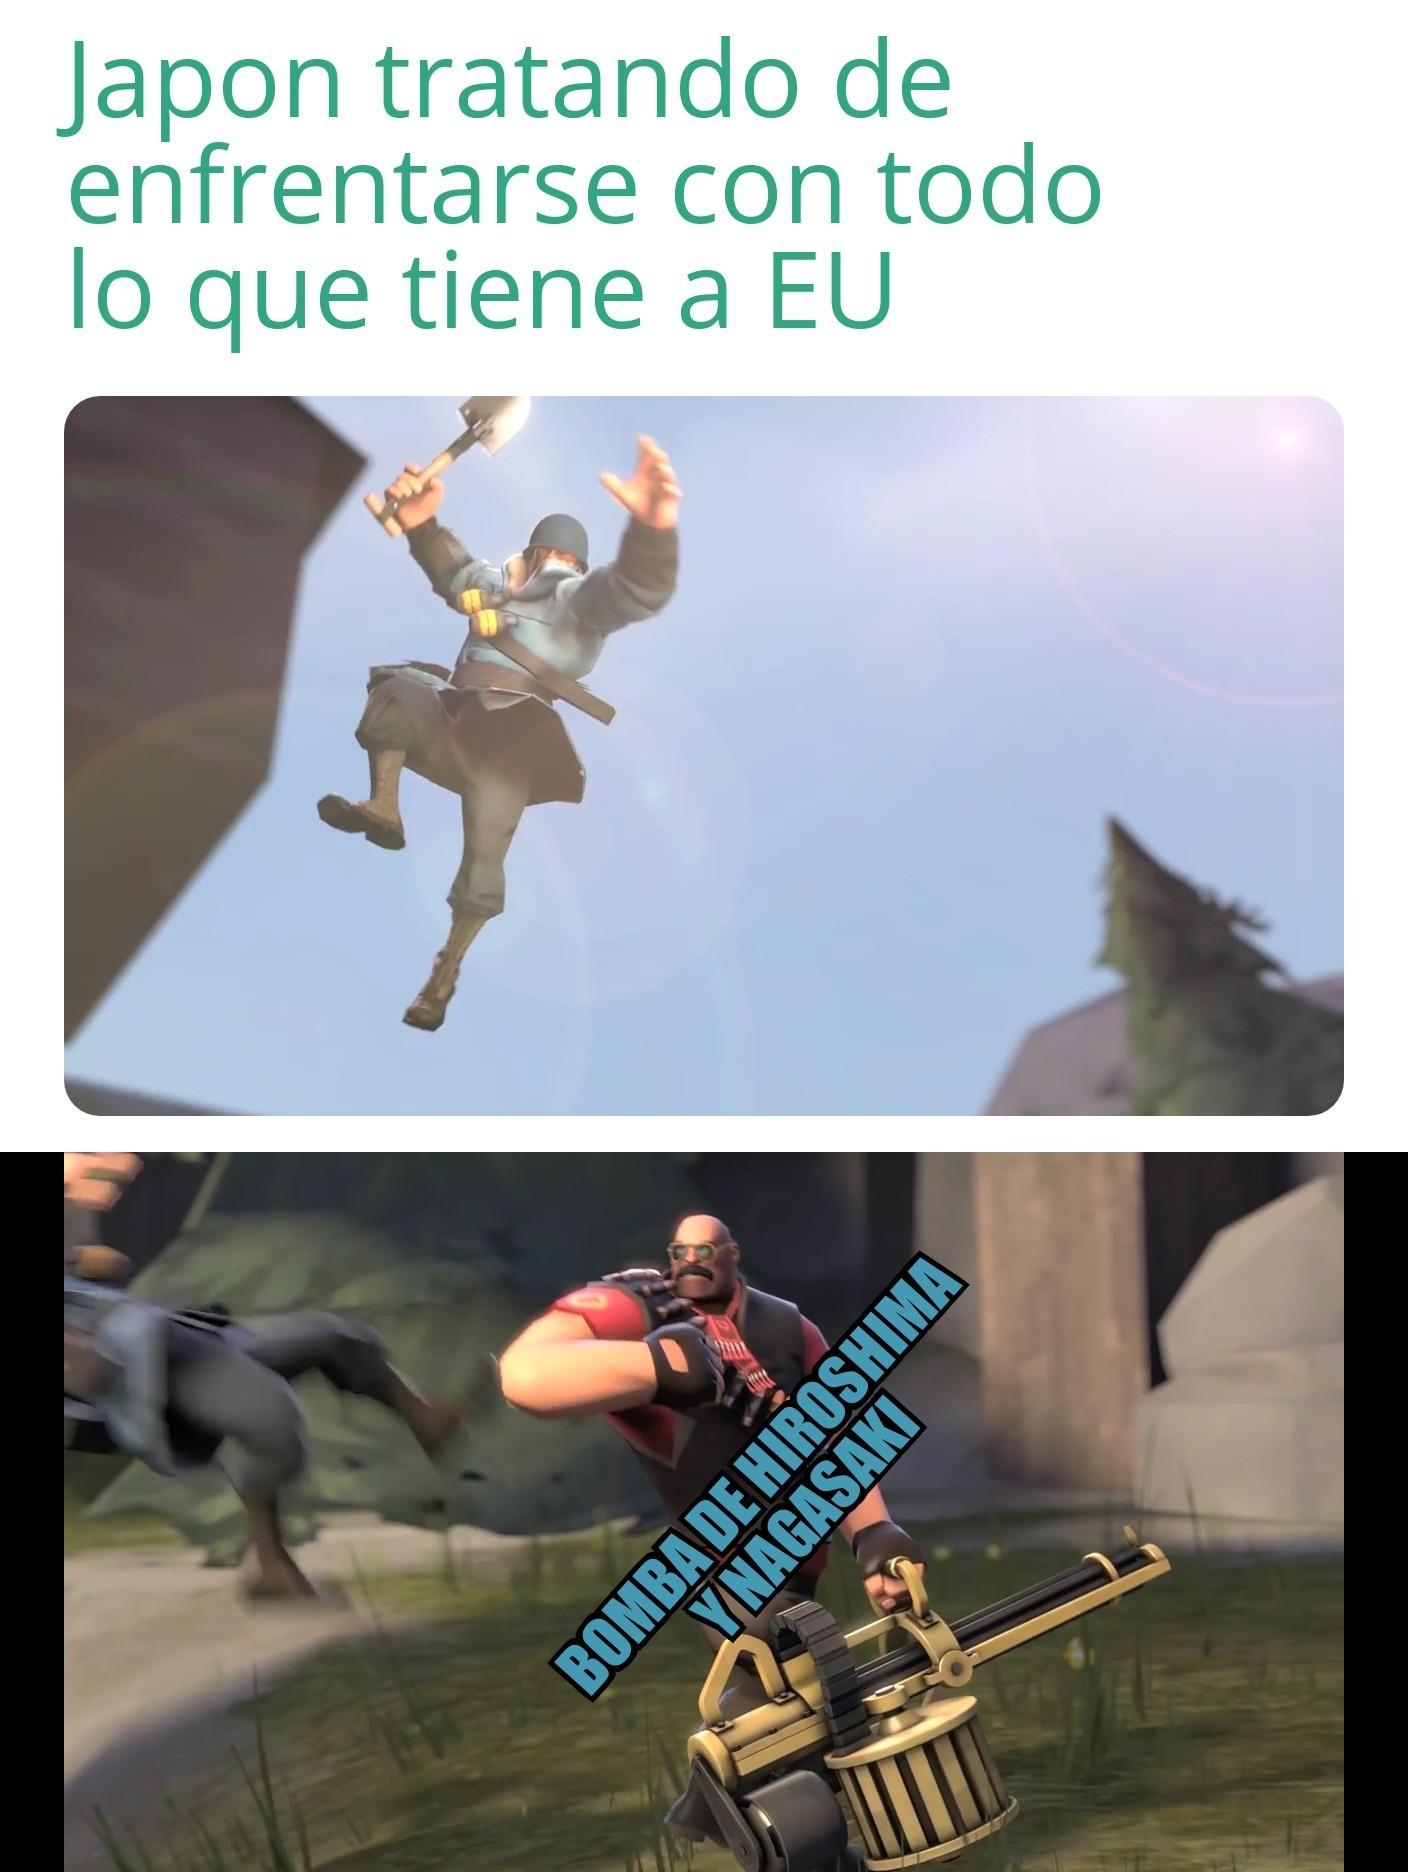 5to meme de hoy 12/05/19